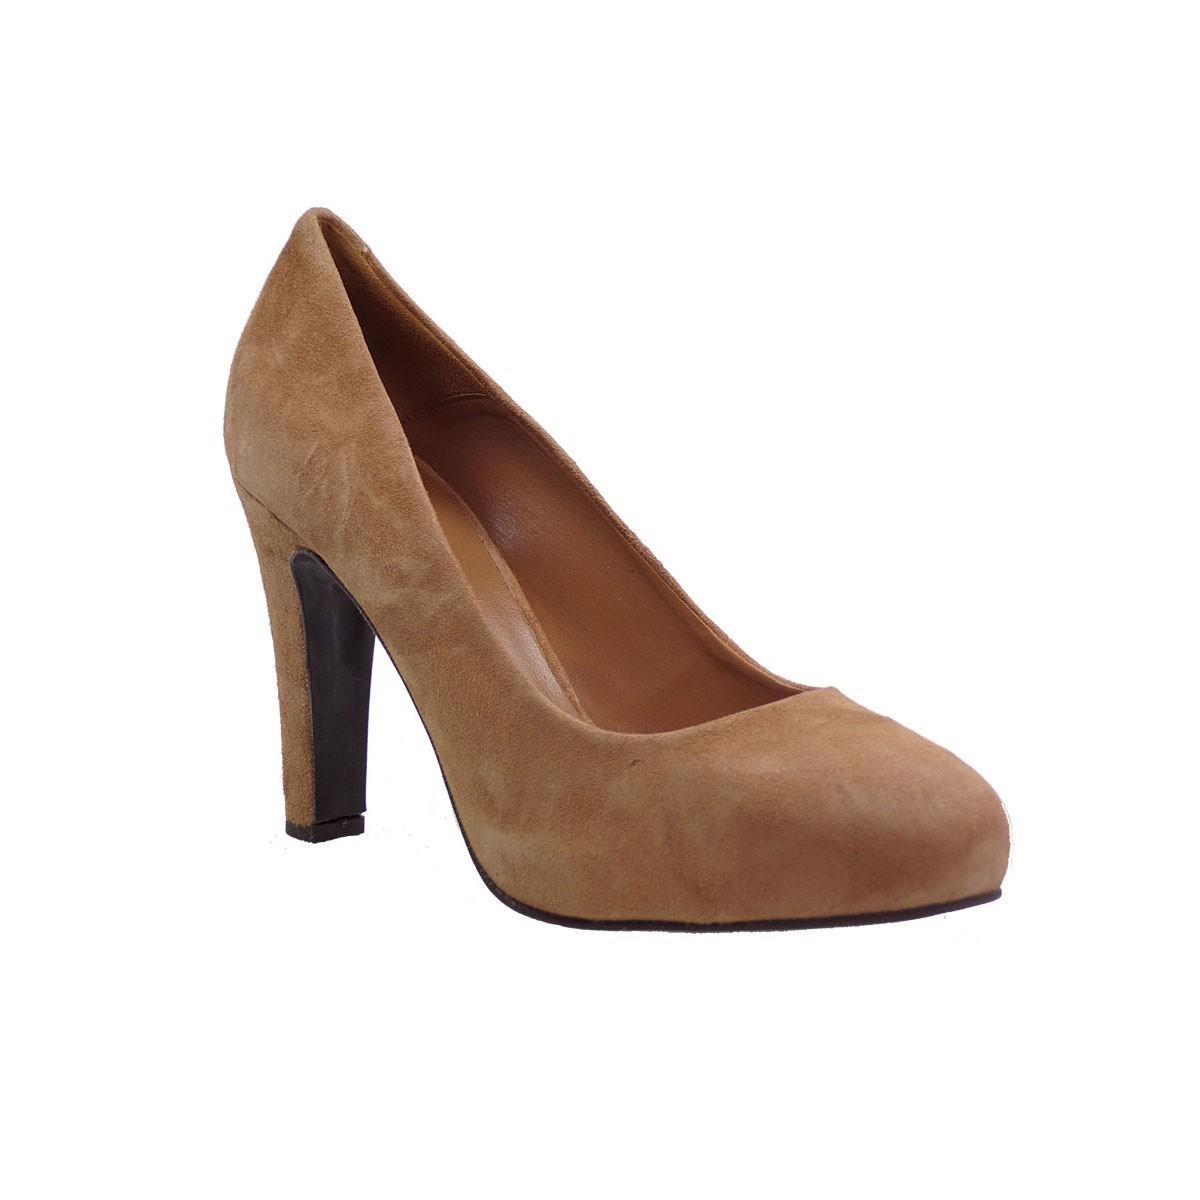 Fardoulis Shoes Γυναικείες Γόβες 03201 Ταμπά Δέρμα Καστόρι